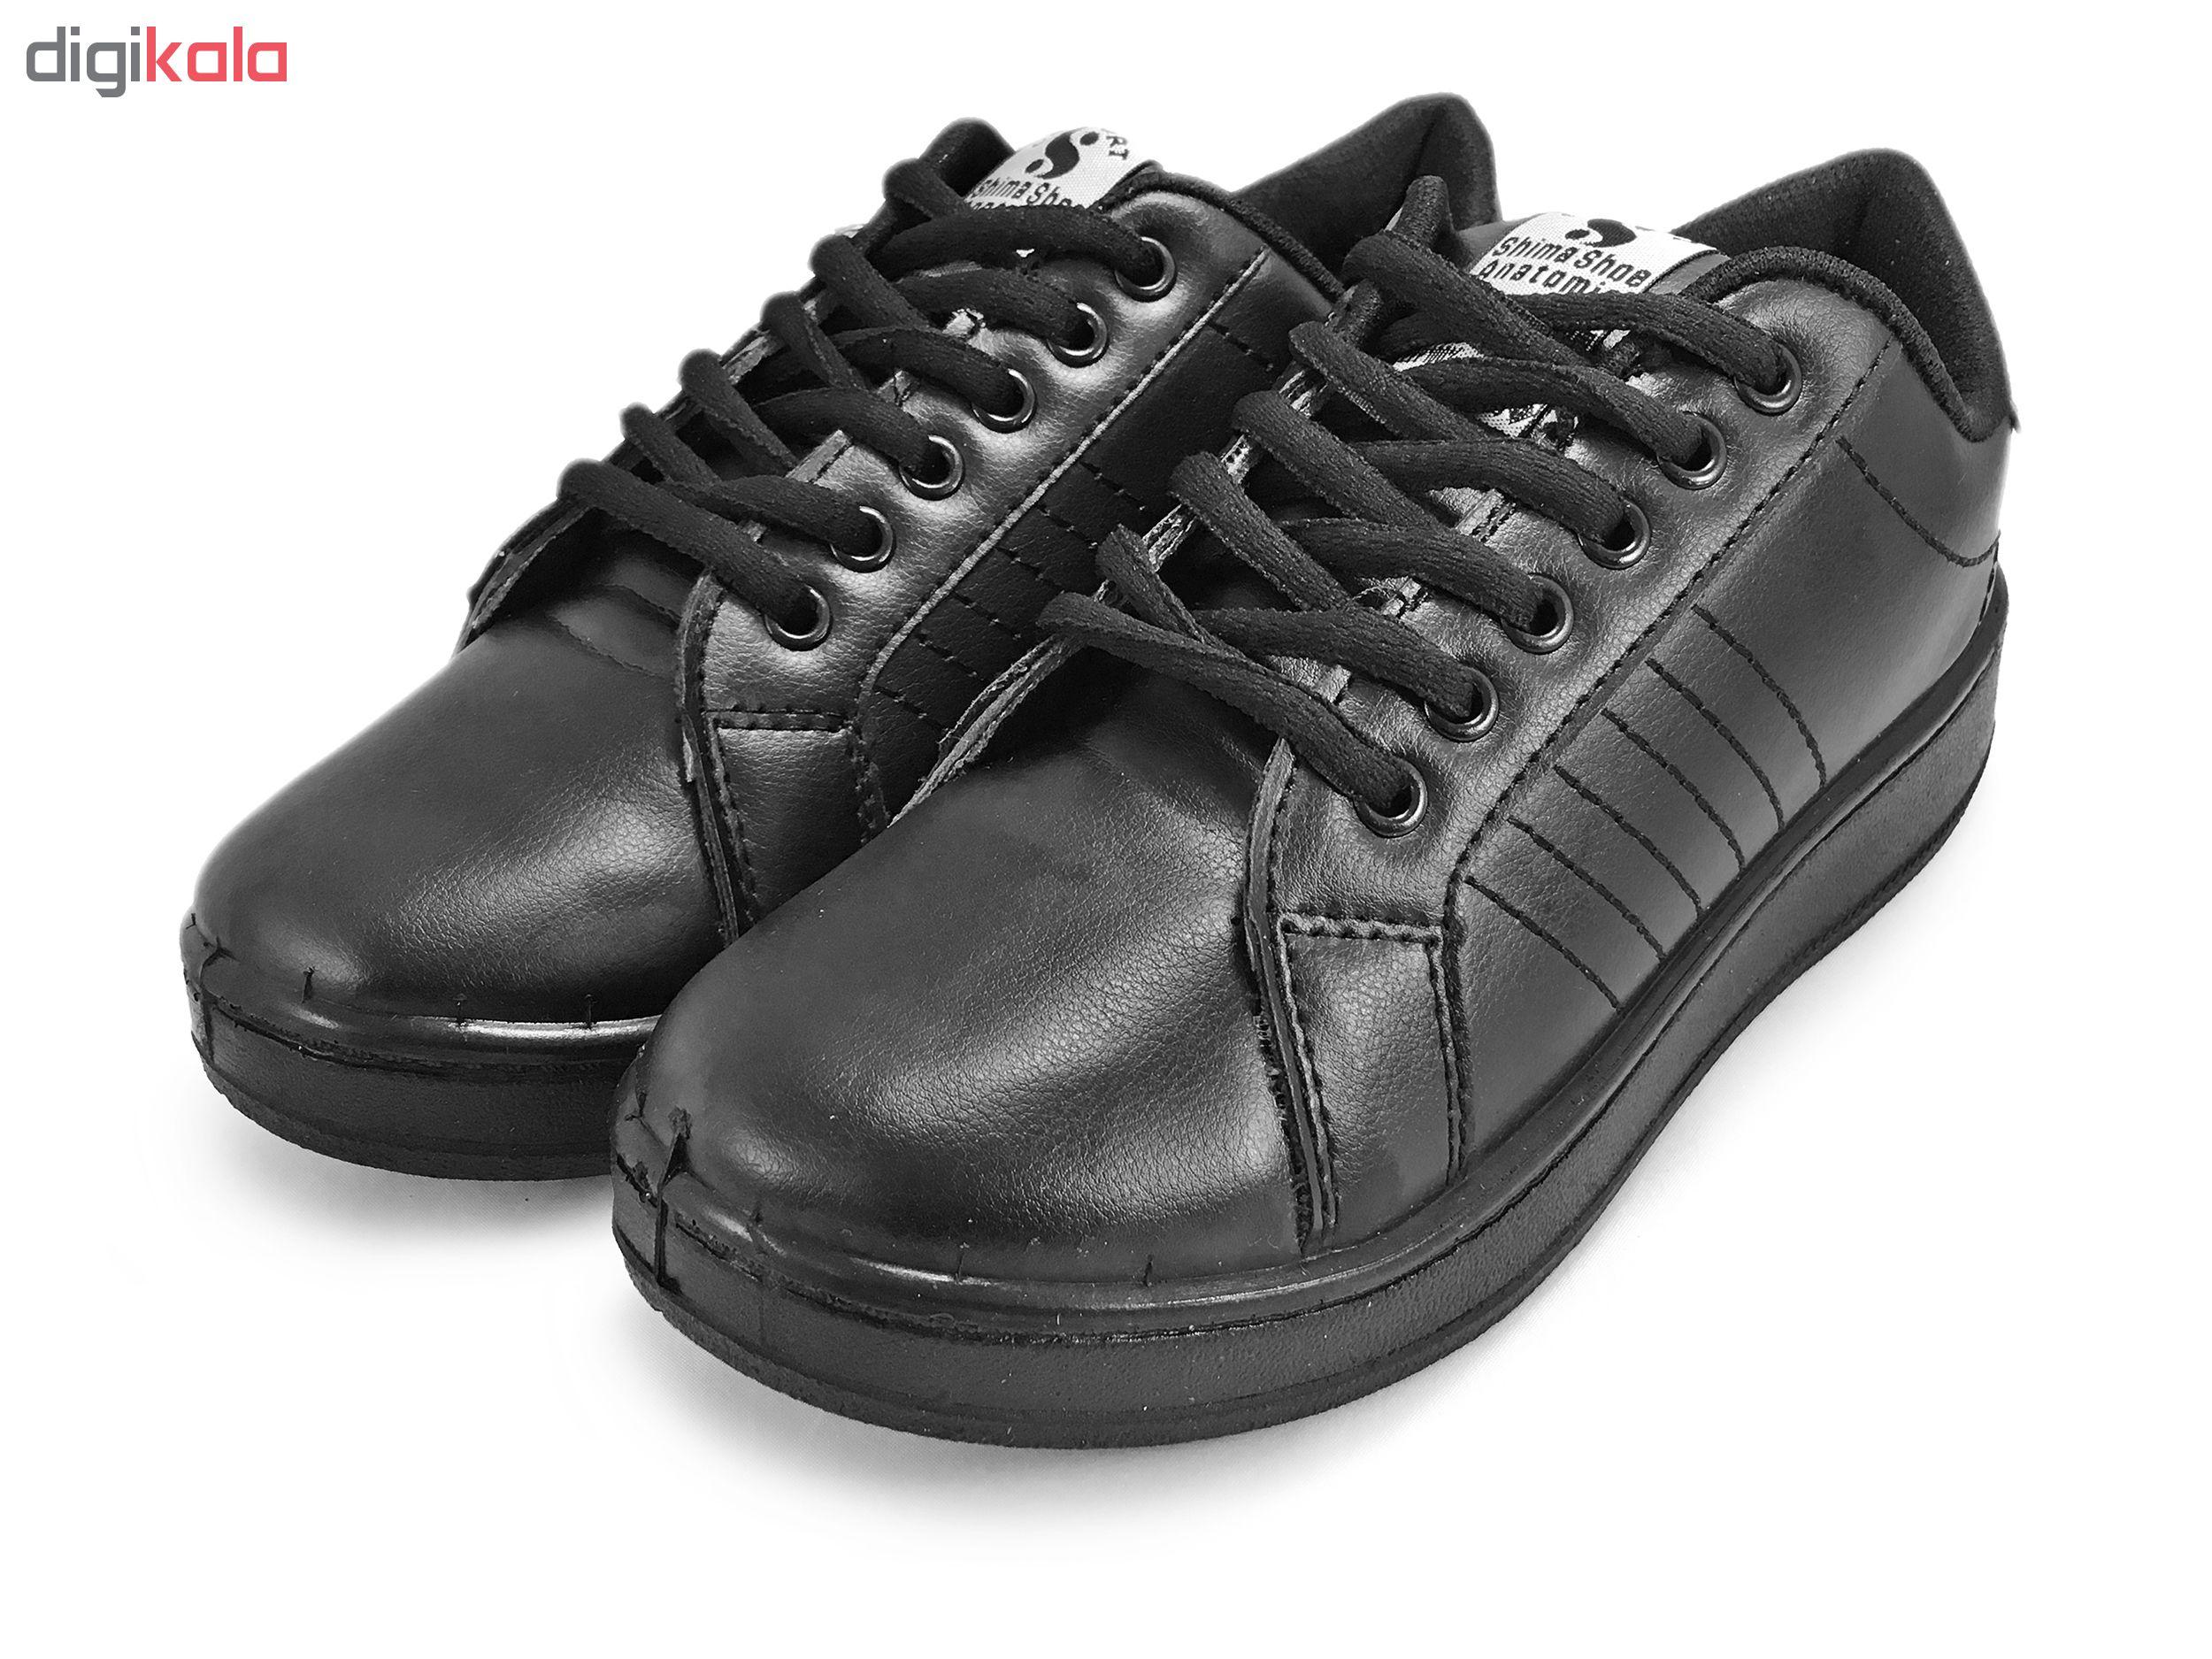 کفش مخصوص پیاده روی زنانه کفش شیما مدل اسمیت کد SJ177